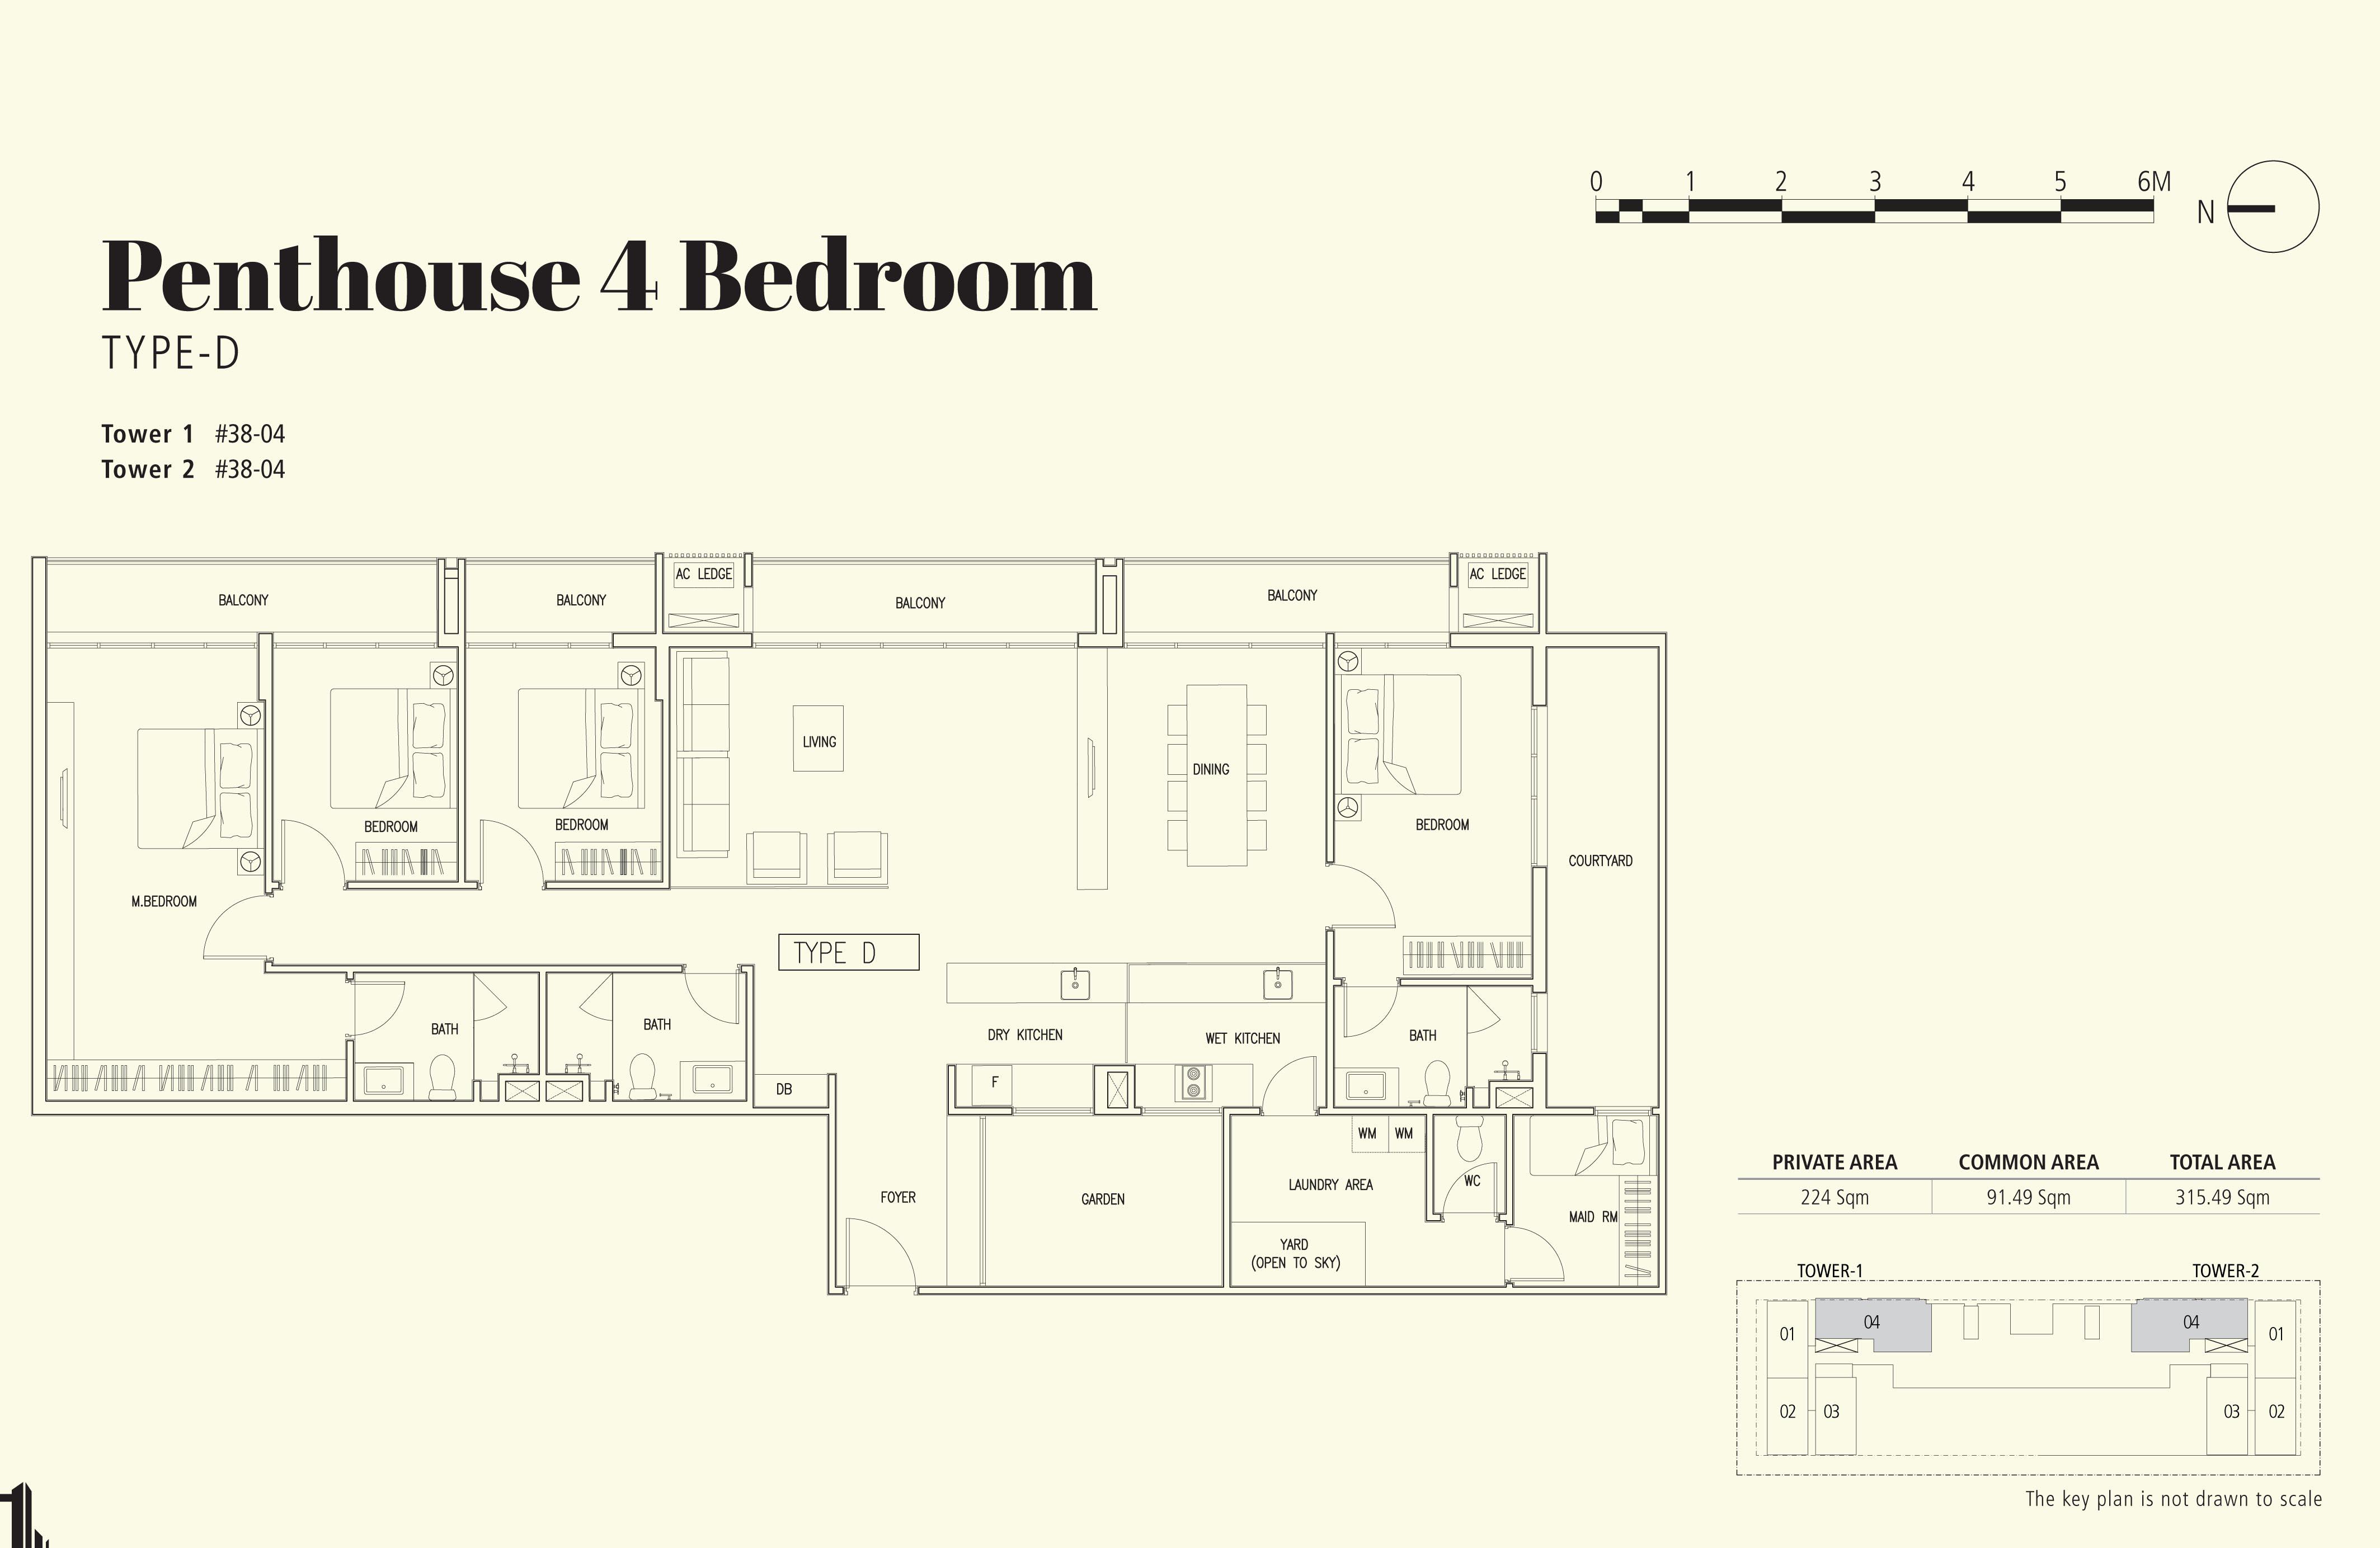 4 Bedroom - Type D